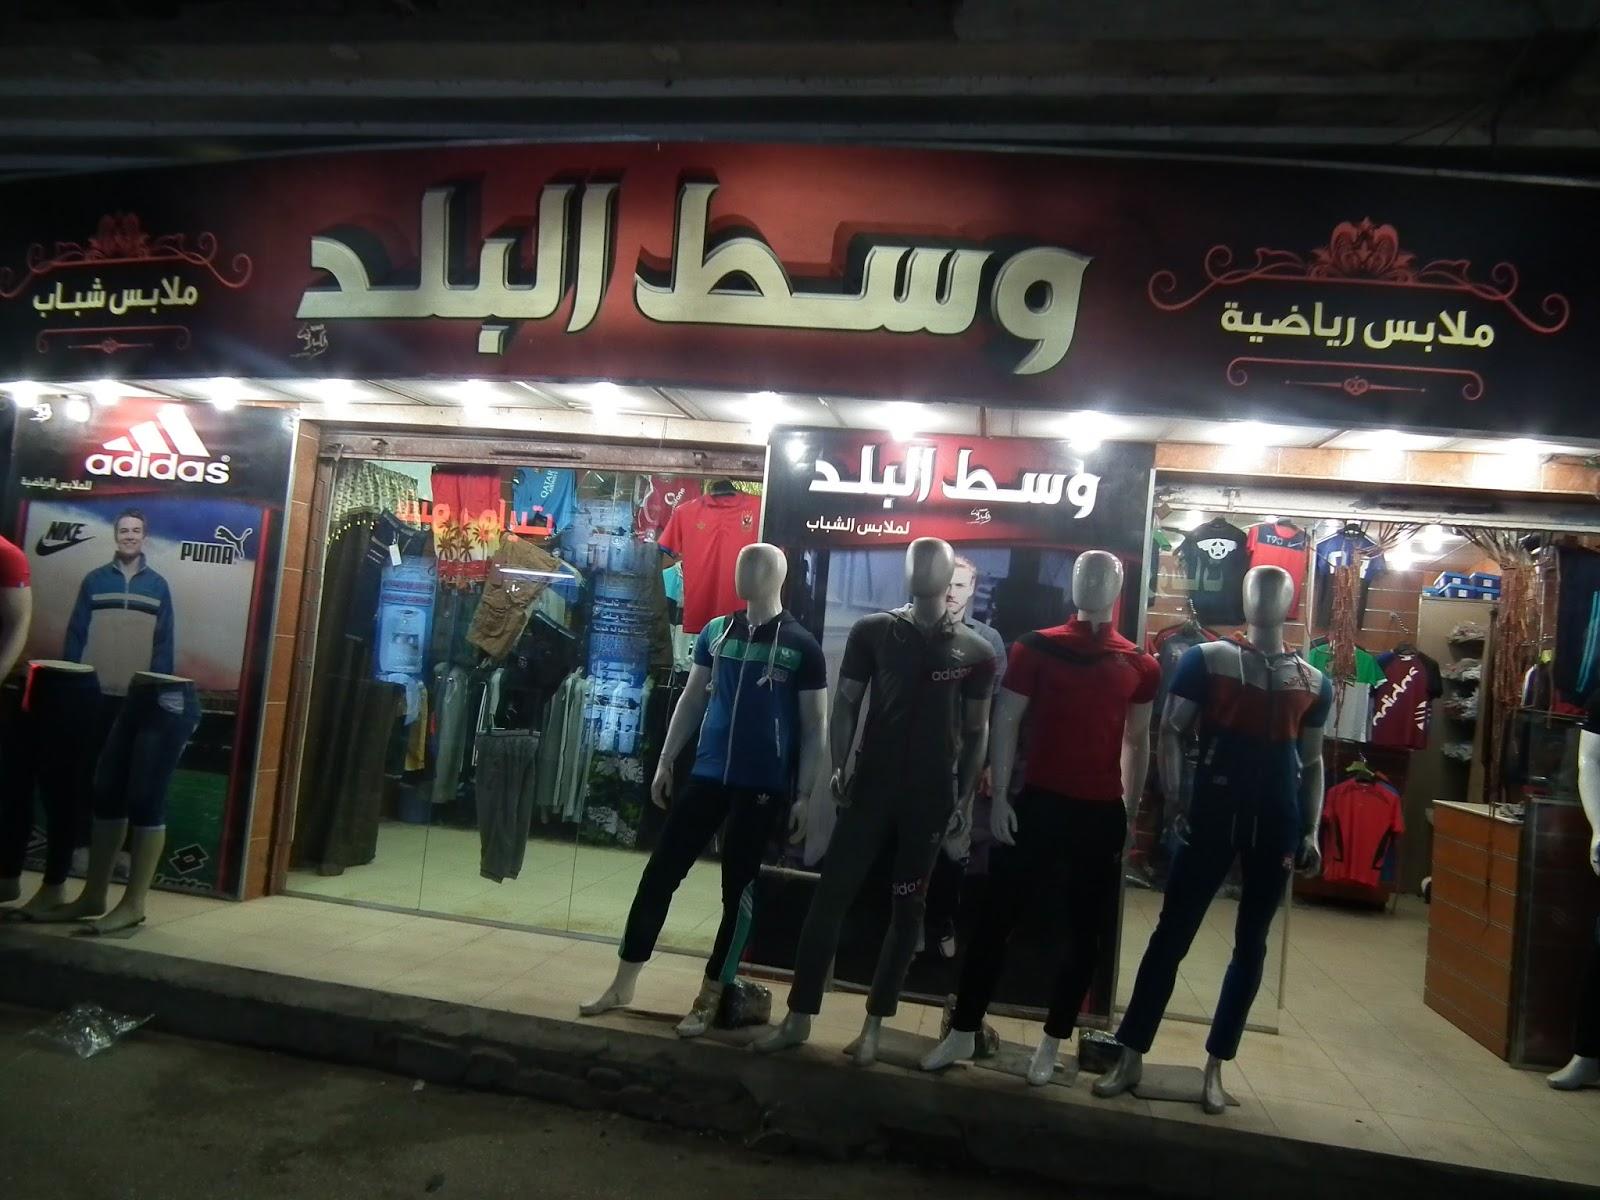 d9f4c9d9148e2 محل وسط البلد للملابس الرياضية والشباب بموقف القرين بفاقوس والبيع بسعر  الجملة